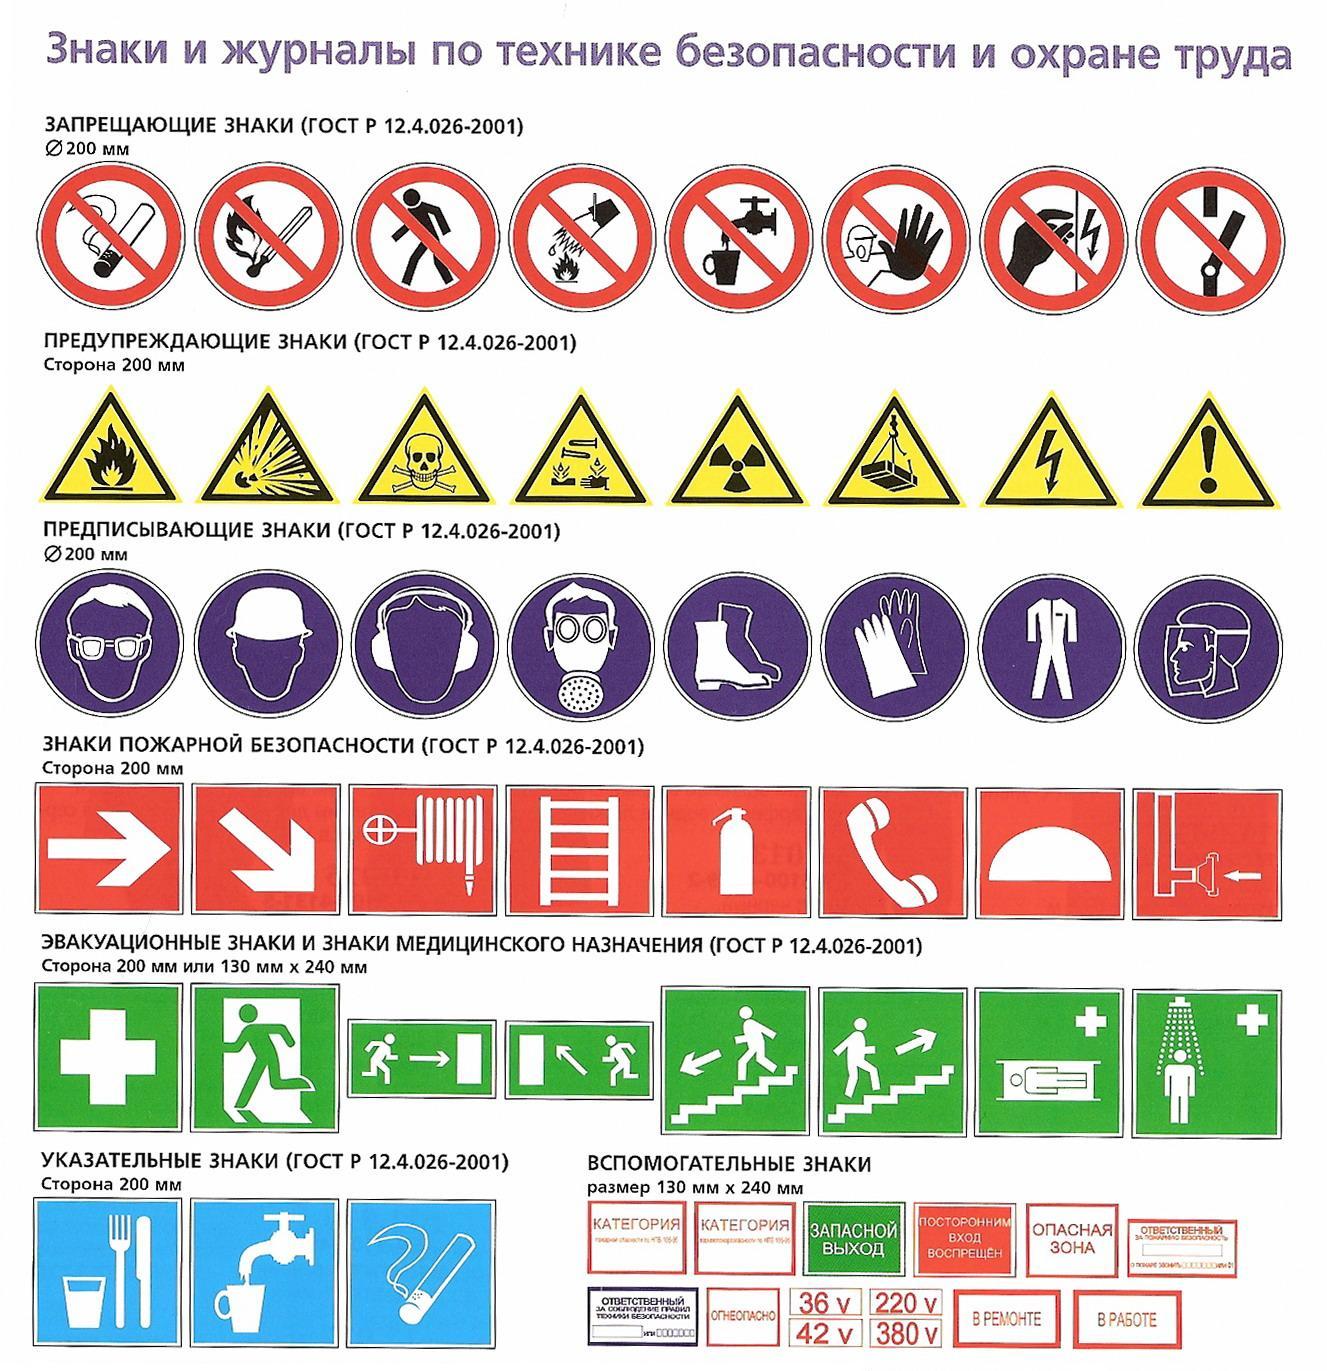 Опасные места по электробезопасности организация проверки знаний по электробезопасности для не электротехнического персонала